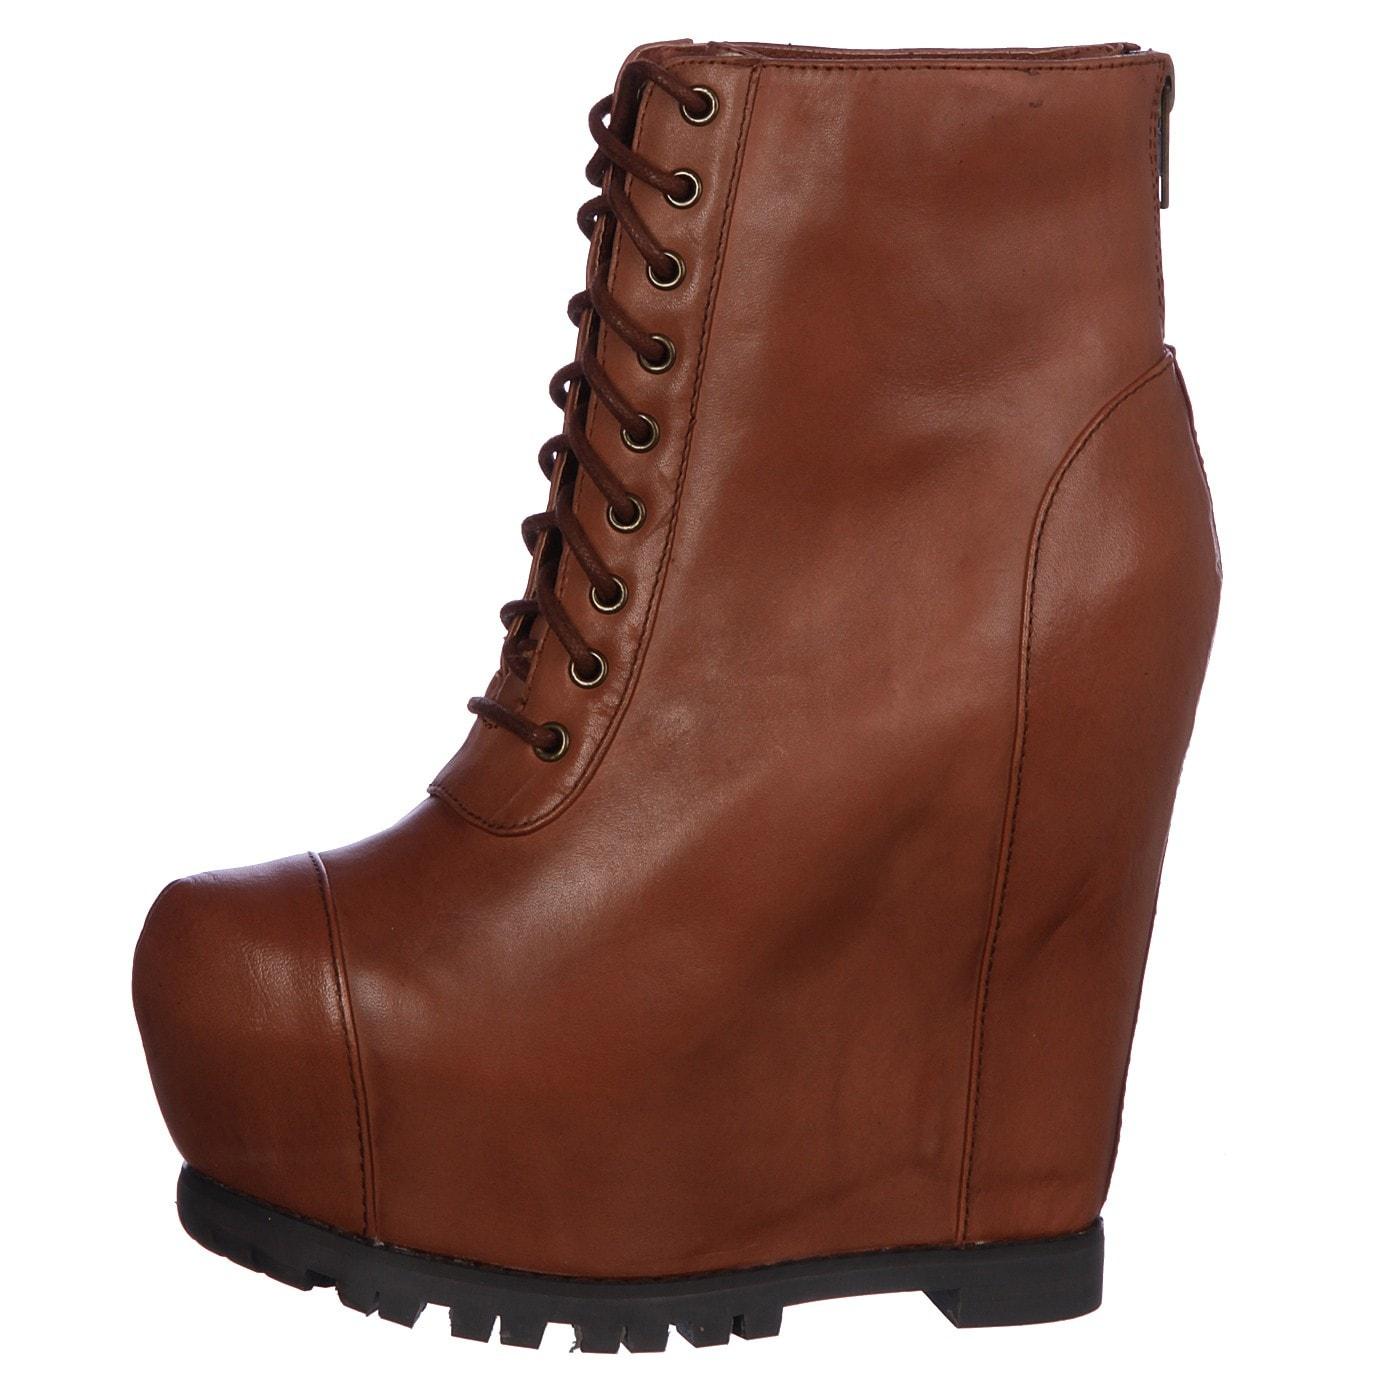 74b2271ca6b Steve Madden Women's 'Armenda' Cognac Lace-up Wedge Boots FINAL SALE